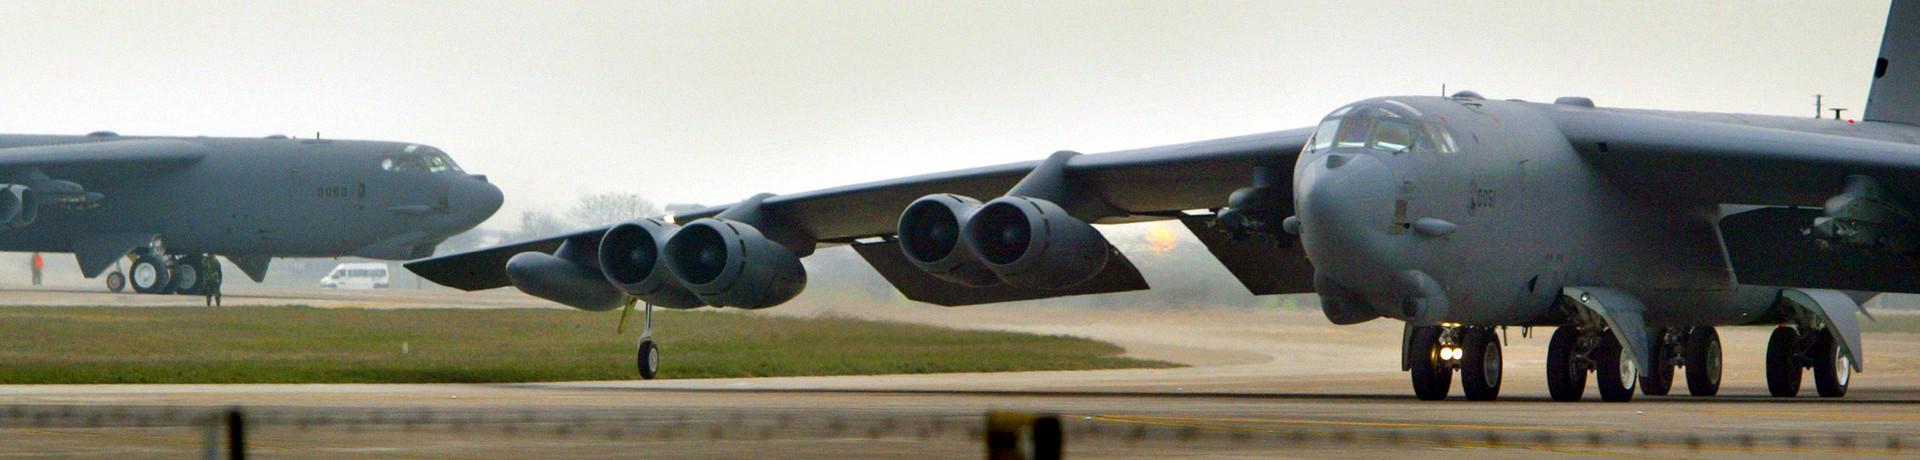 Symbolbild - Landung einer B-52 Bomberstaffel auf dem Militärflughafen Fairford der Royal Air Force, Gloucestershire, Großbritannien.